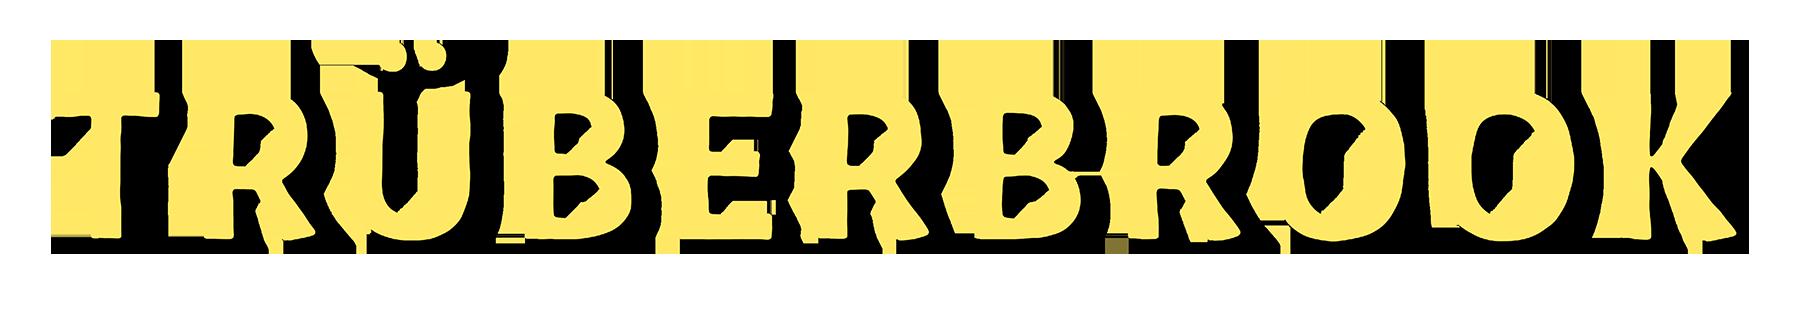 truberbrook_logo_medifvsem.png